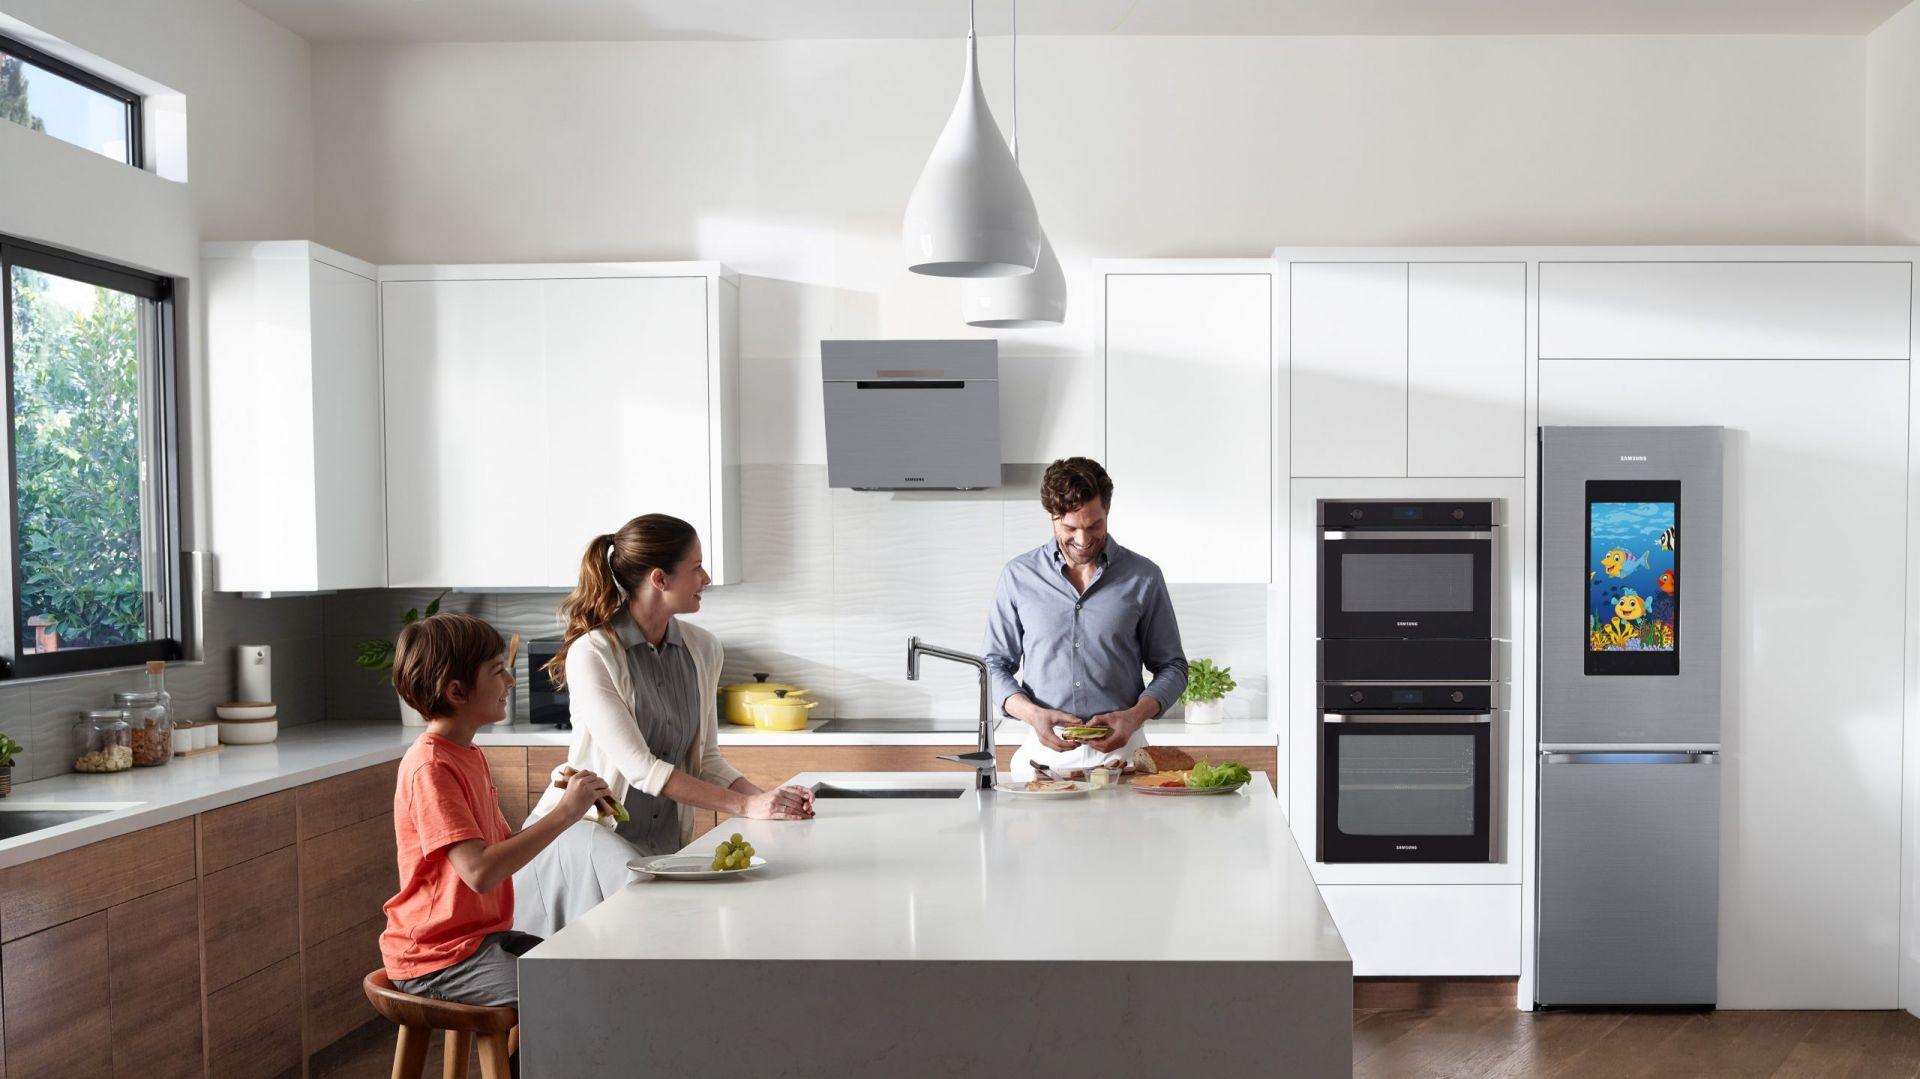 Lodówka Family Hub wyposażona w duży, 21,5-calowy ekran na głównych drzwiach, dzięki wbudowanym wewnątrz aparatom, daje możliwość podglądu wnętrza z dala od domu. Fot. Samsung